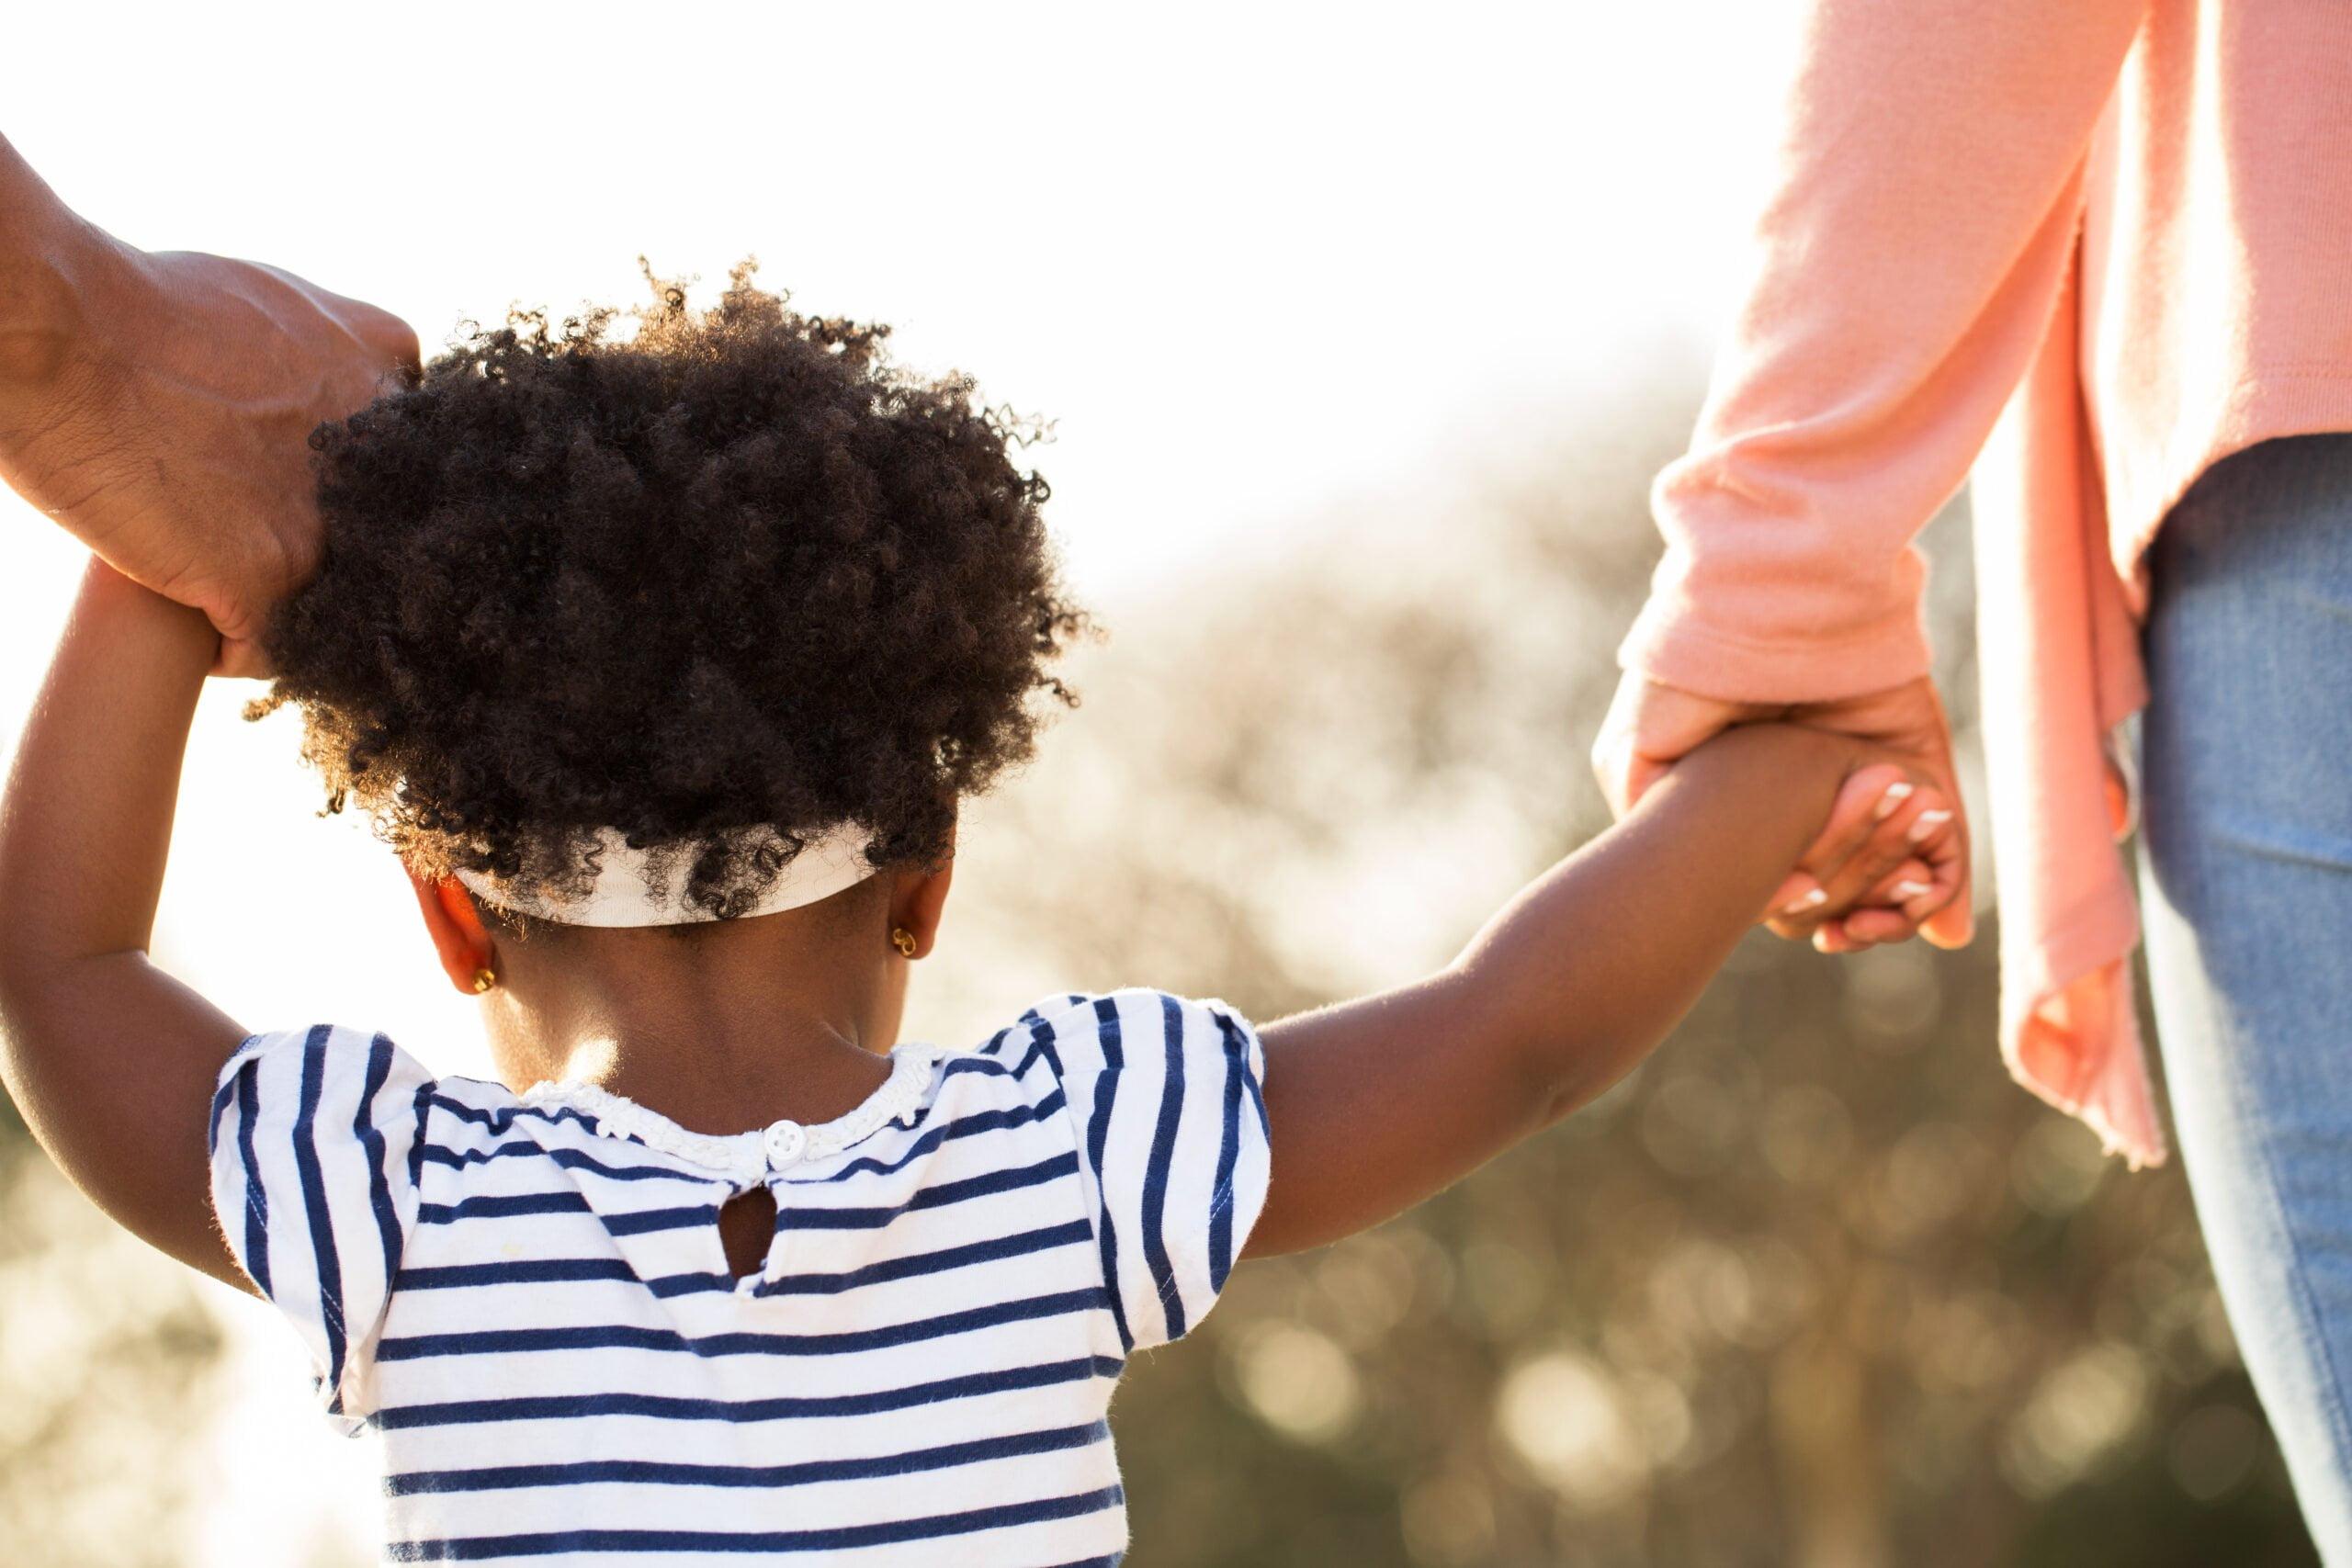 Foto mostra criança dando a mão para dois adultos